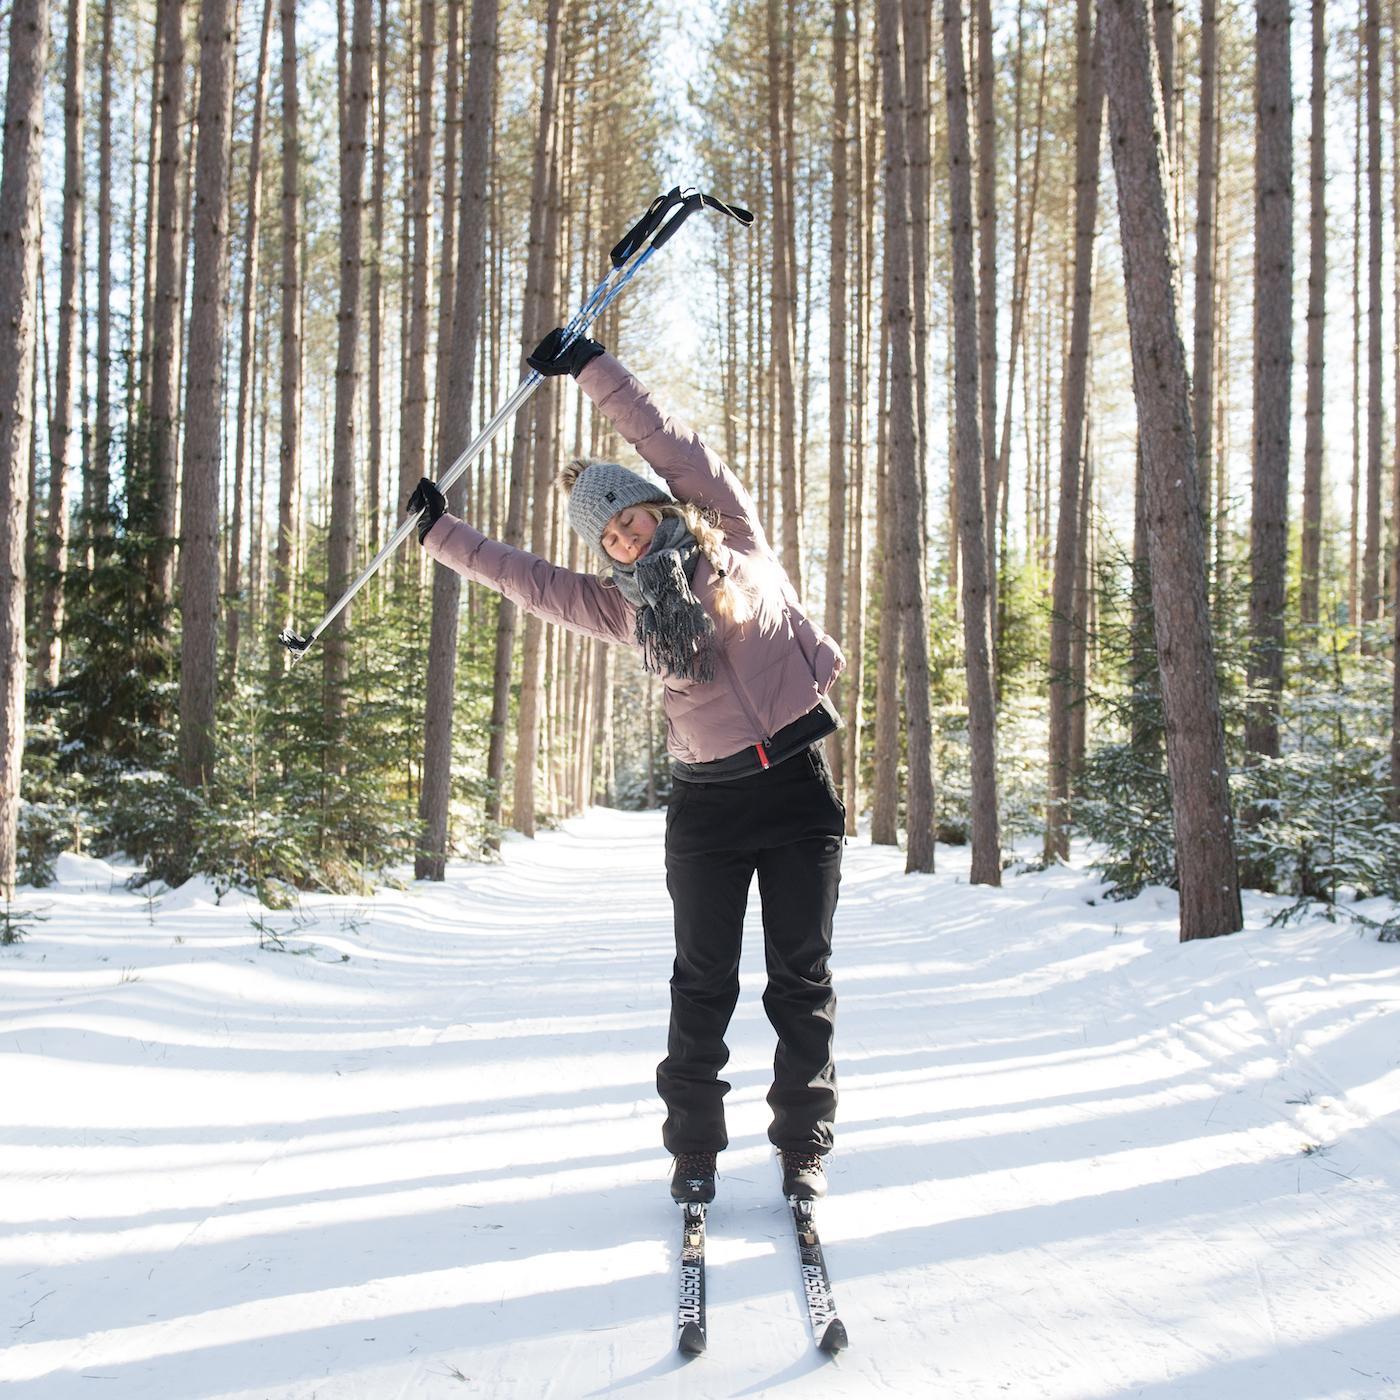 retraite hivernale Mont-Tremblant,QC